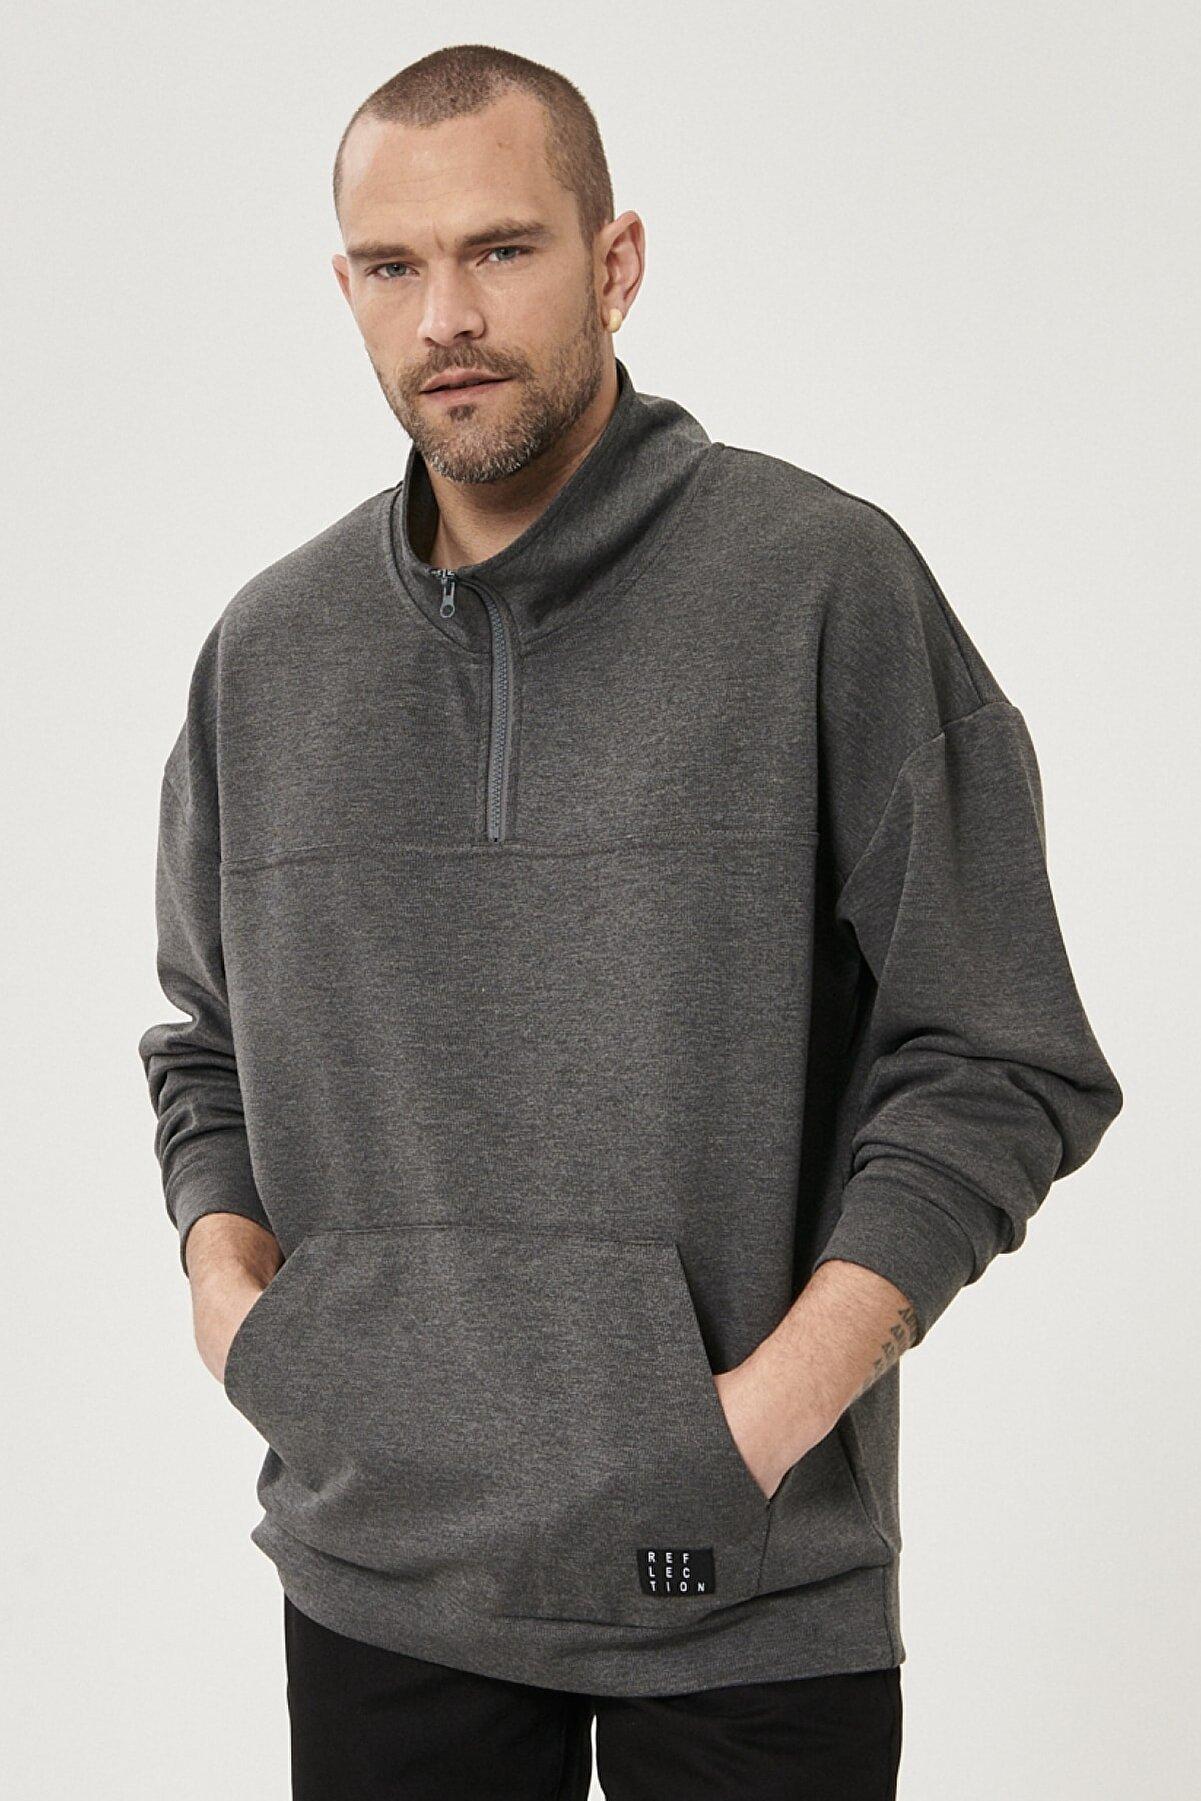 Altınyıldız Classics Erkek Antrasit-Melanj Oversize Günlük Rahat Yarım Balıkçı Yaka Spor Sweatshirt